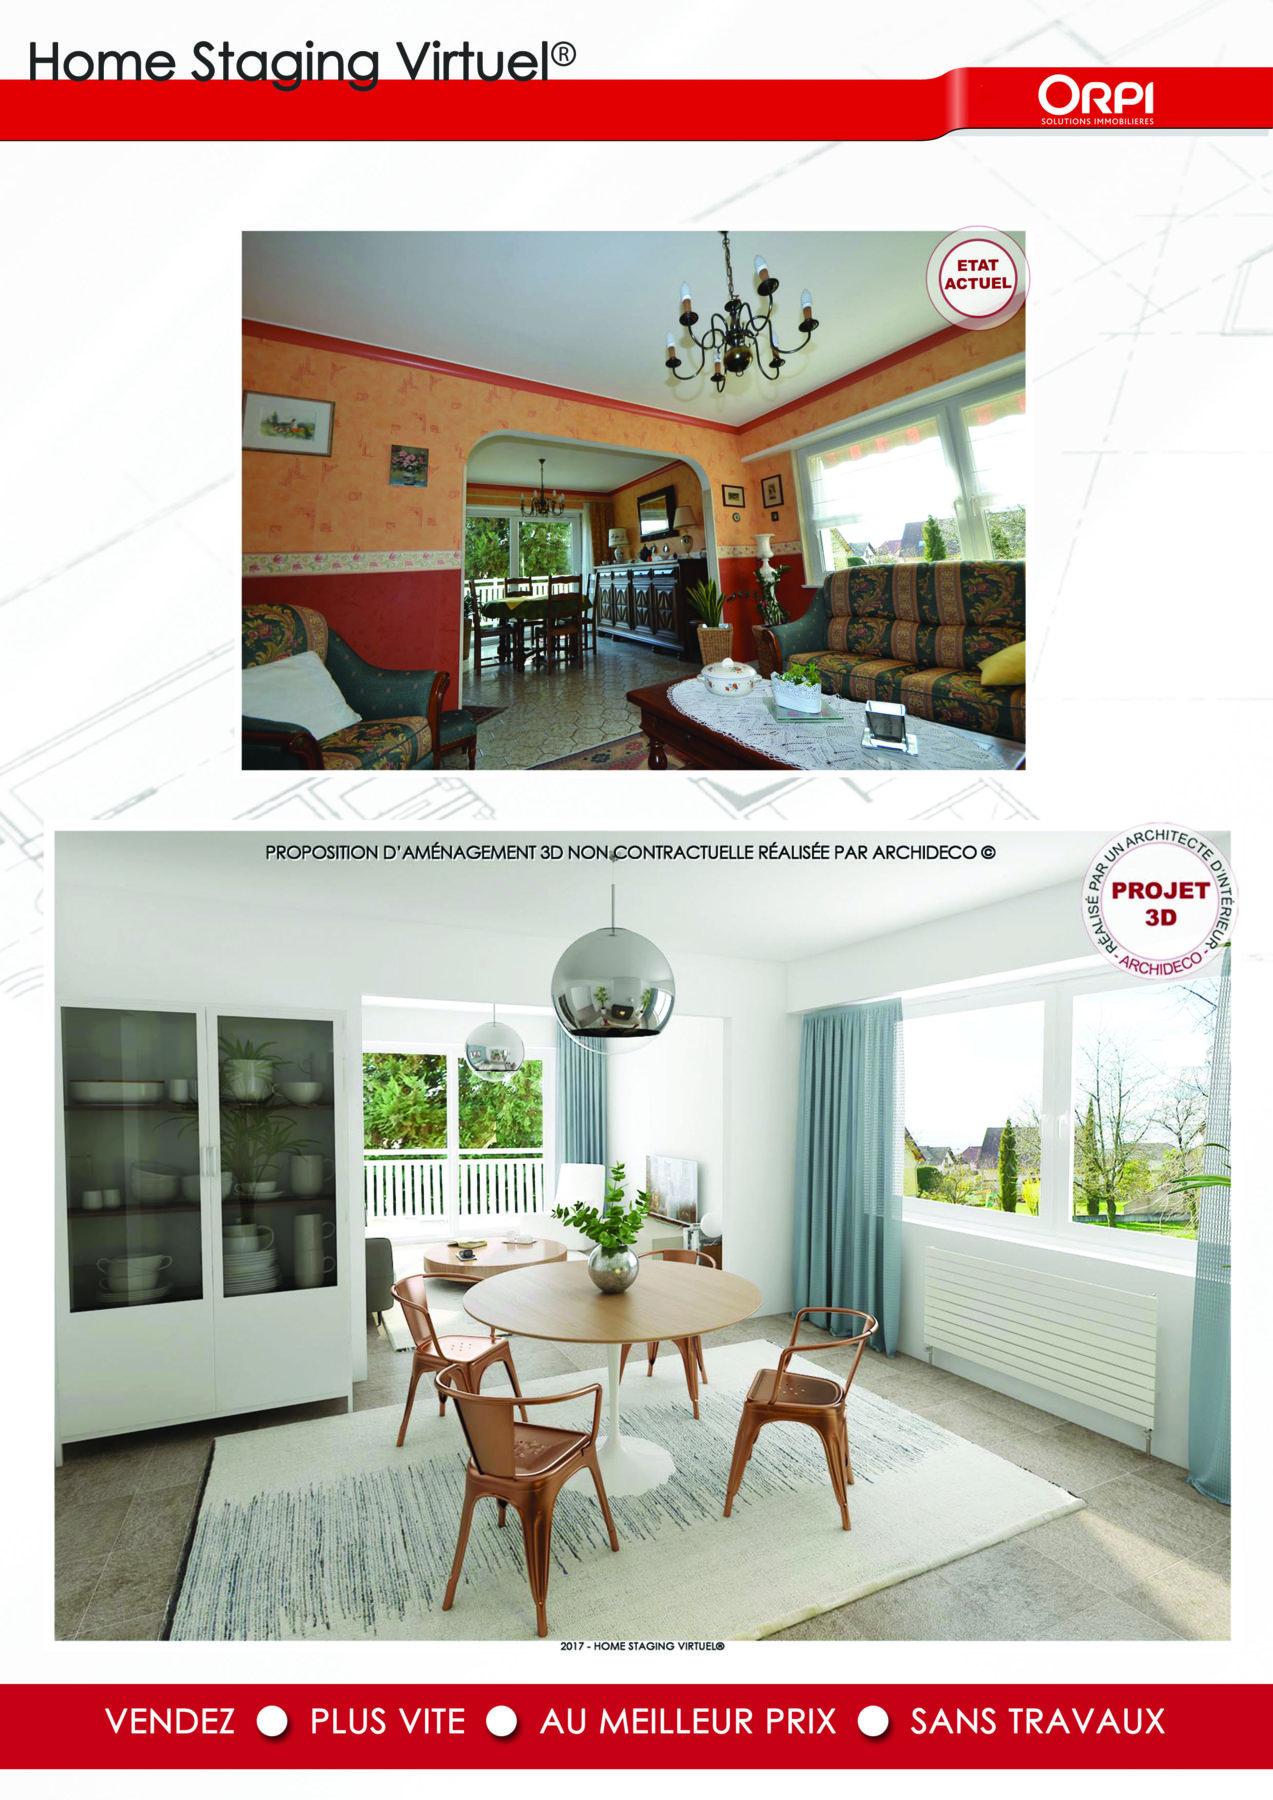 Home Staging Photos Avant Après nouveau* le home staging virtuel® arrive chez orpi